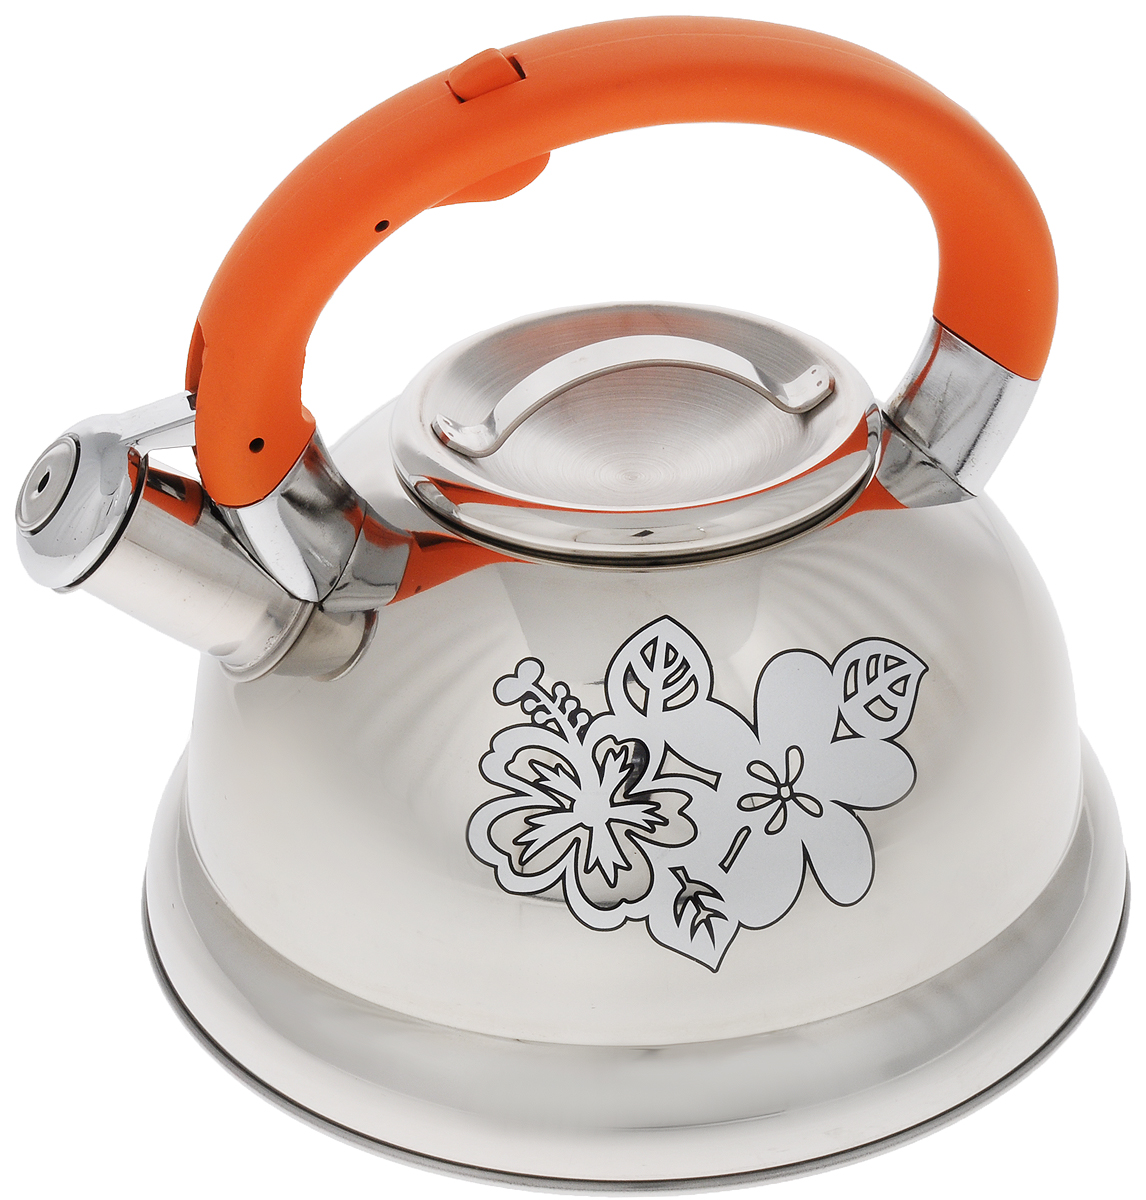 Чайник Mayer & Boch, со свистком, 2,6 л. 22789115510Чайник Mayer & Boch выполнен из высококачественной нержавеющей стали. Носик чайникаоснащен насадкой-свистком, что позволит вам контролировать процесс подогрева или кипячения воды. Ручка из бакелита делает использование чайника очень удобным и безопасным. Эстетичный и функциональный чайник будет оригинально смотреться в любом интерьере..Подходит для газовых, электрических, стеклокерамических и индукционных плит. Можно мыть впосудомоечной машине. Диаметр чайника (по верхнему краю): 10 см.Диаметр основания: 22 см. Высота чайника (без учета ручки): 11,5 см.Высота чайника (с учетом ручки): 20,5 см.